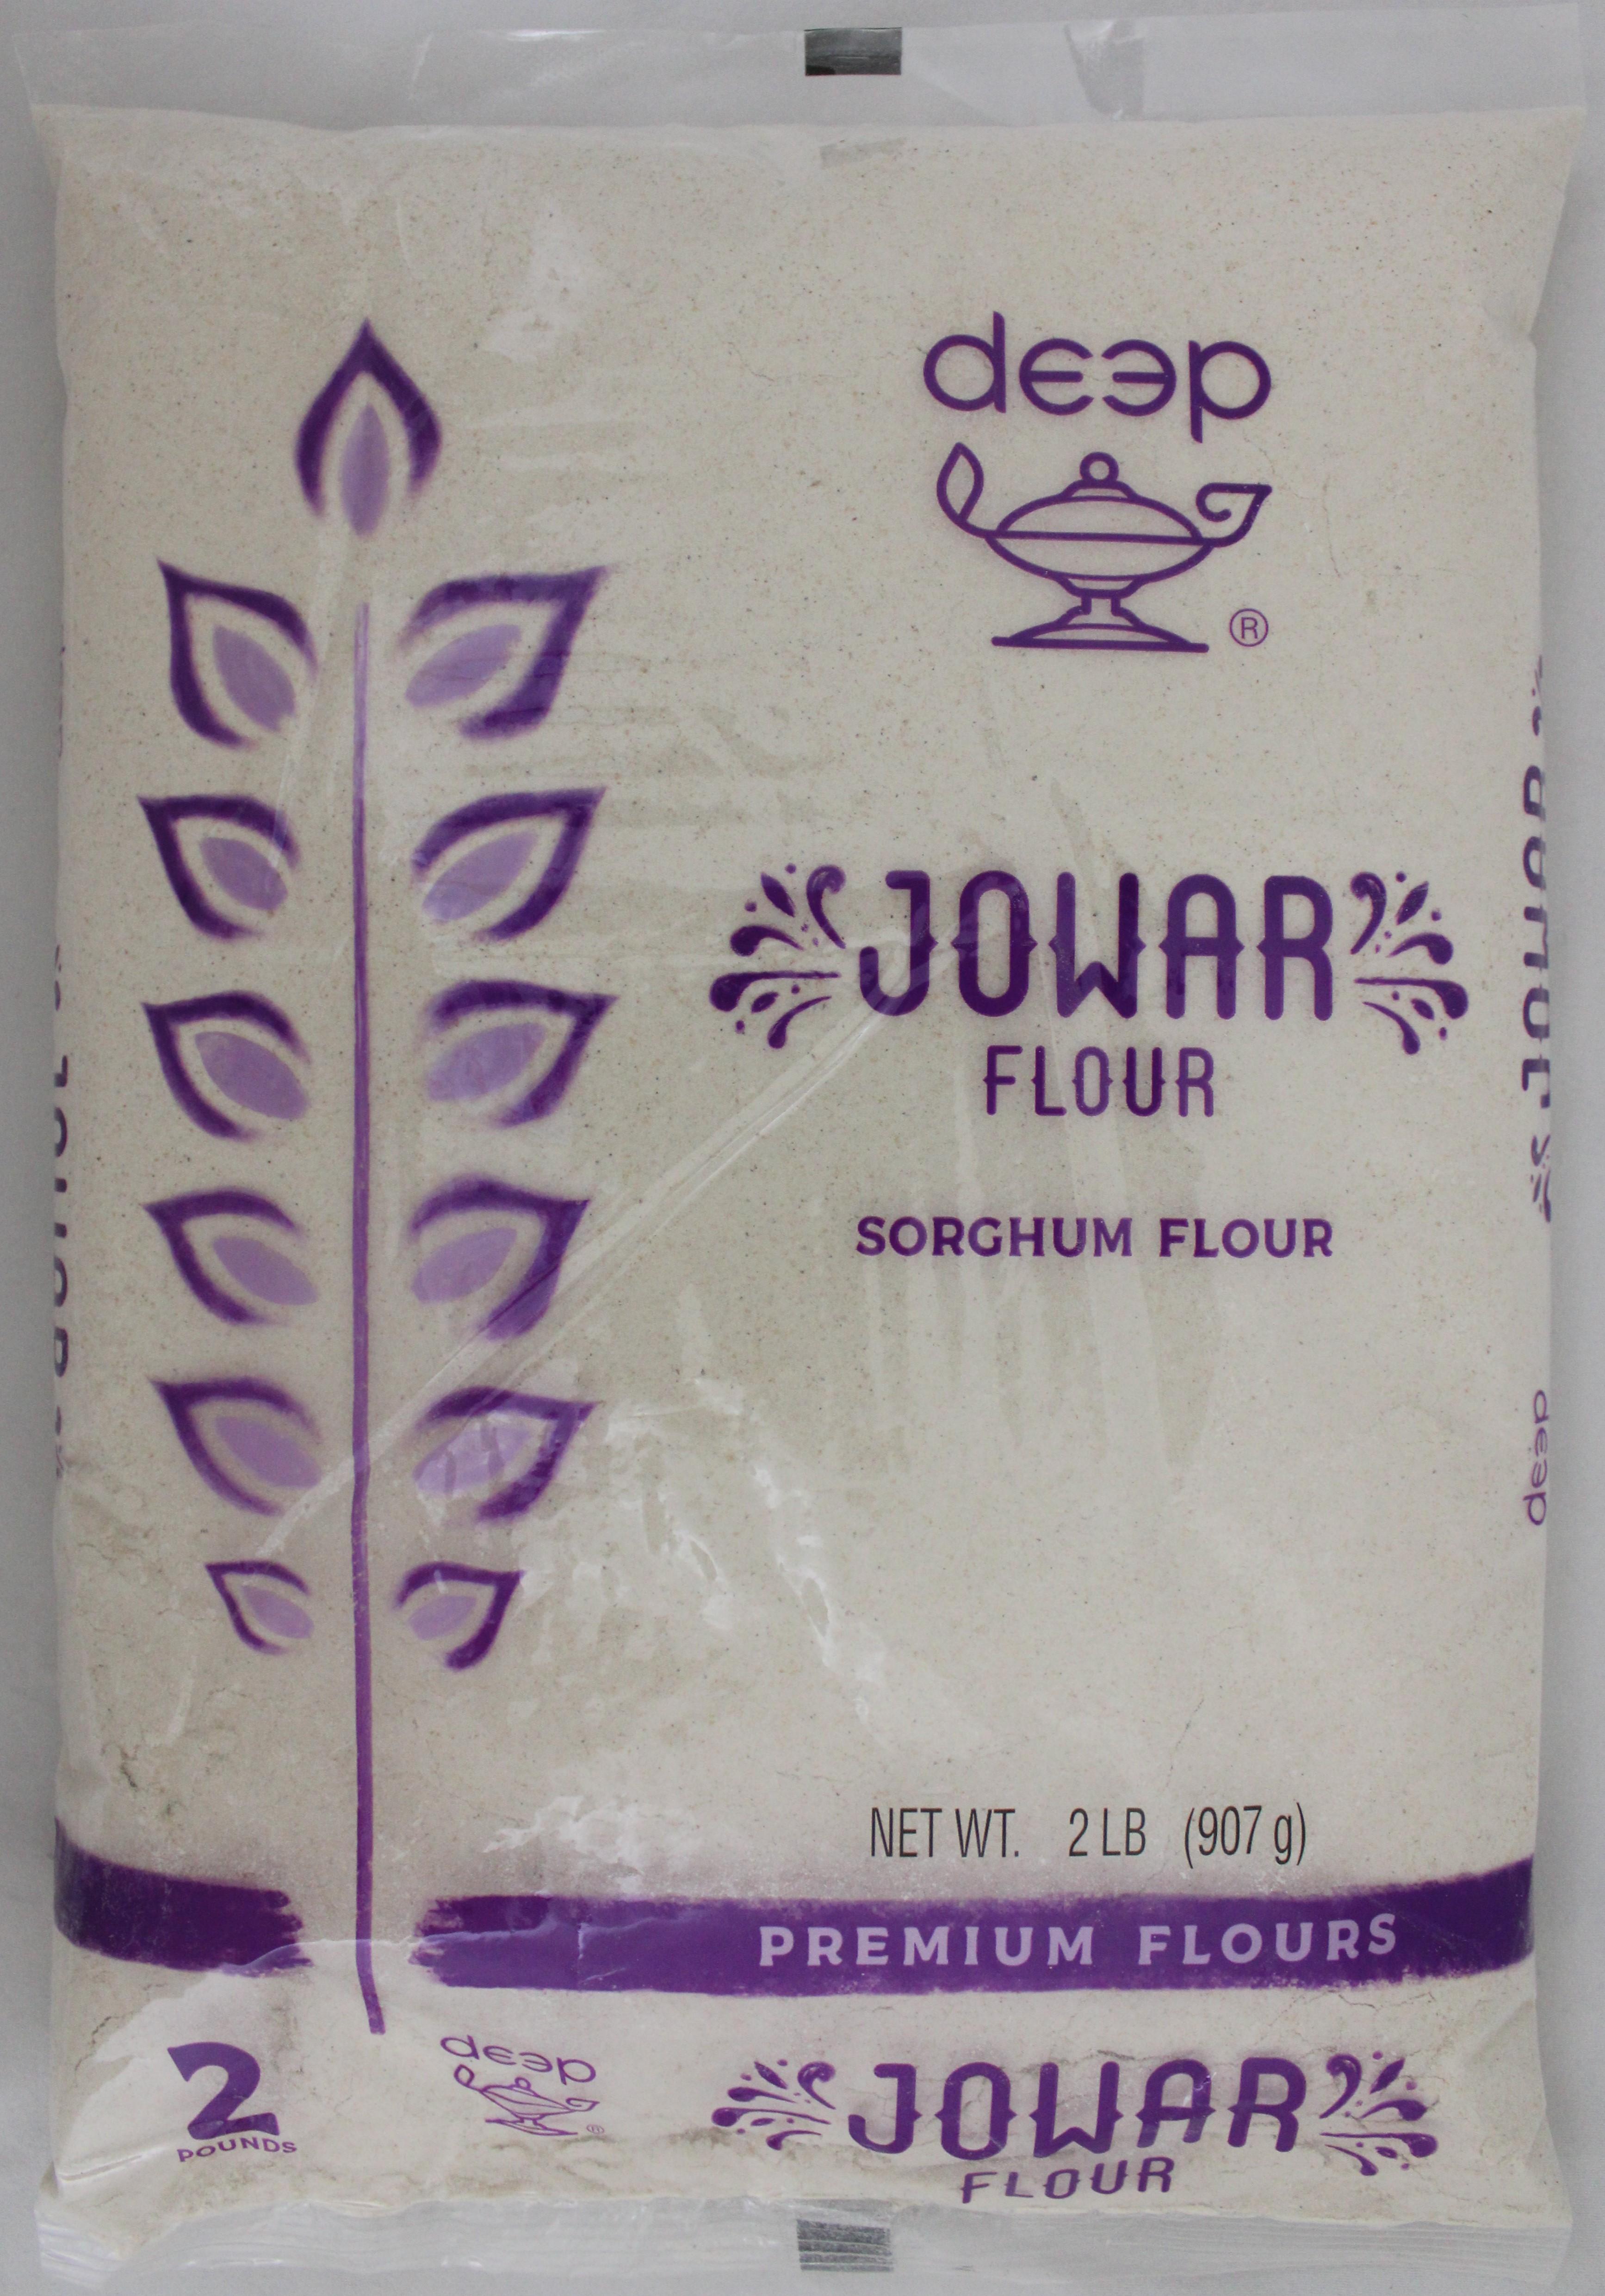 Indian Grocery - Juwar Flour 2Lb